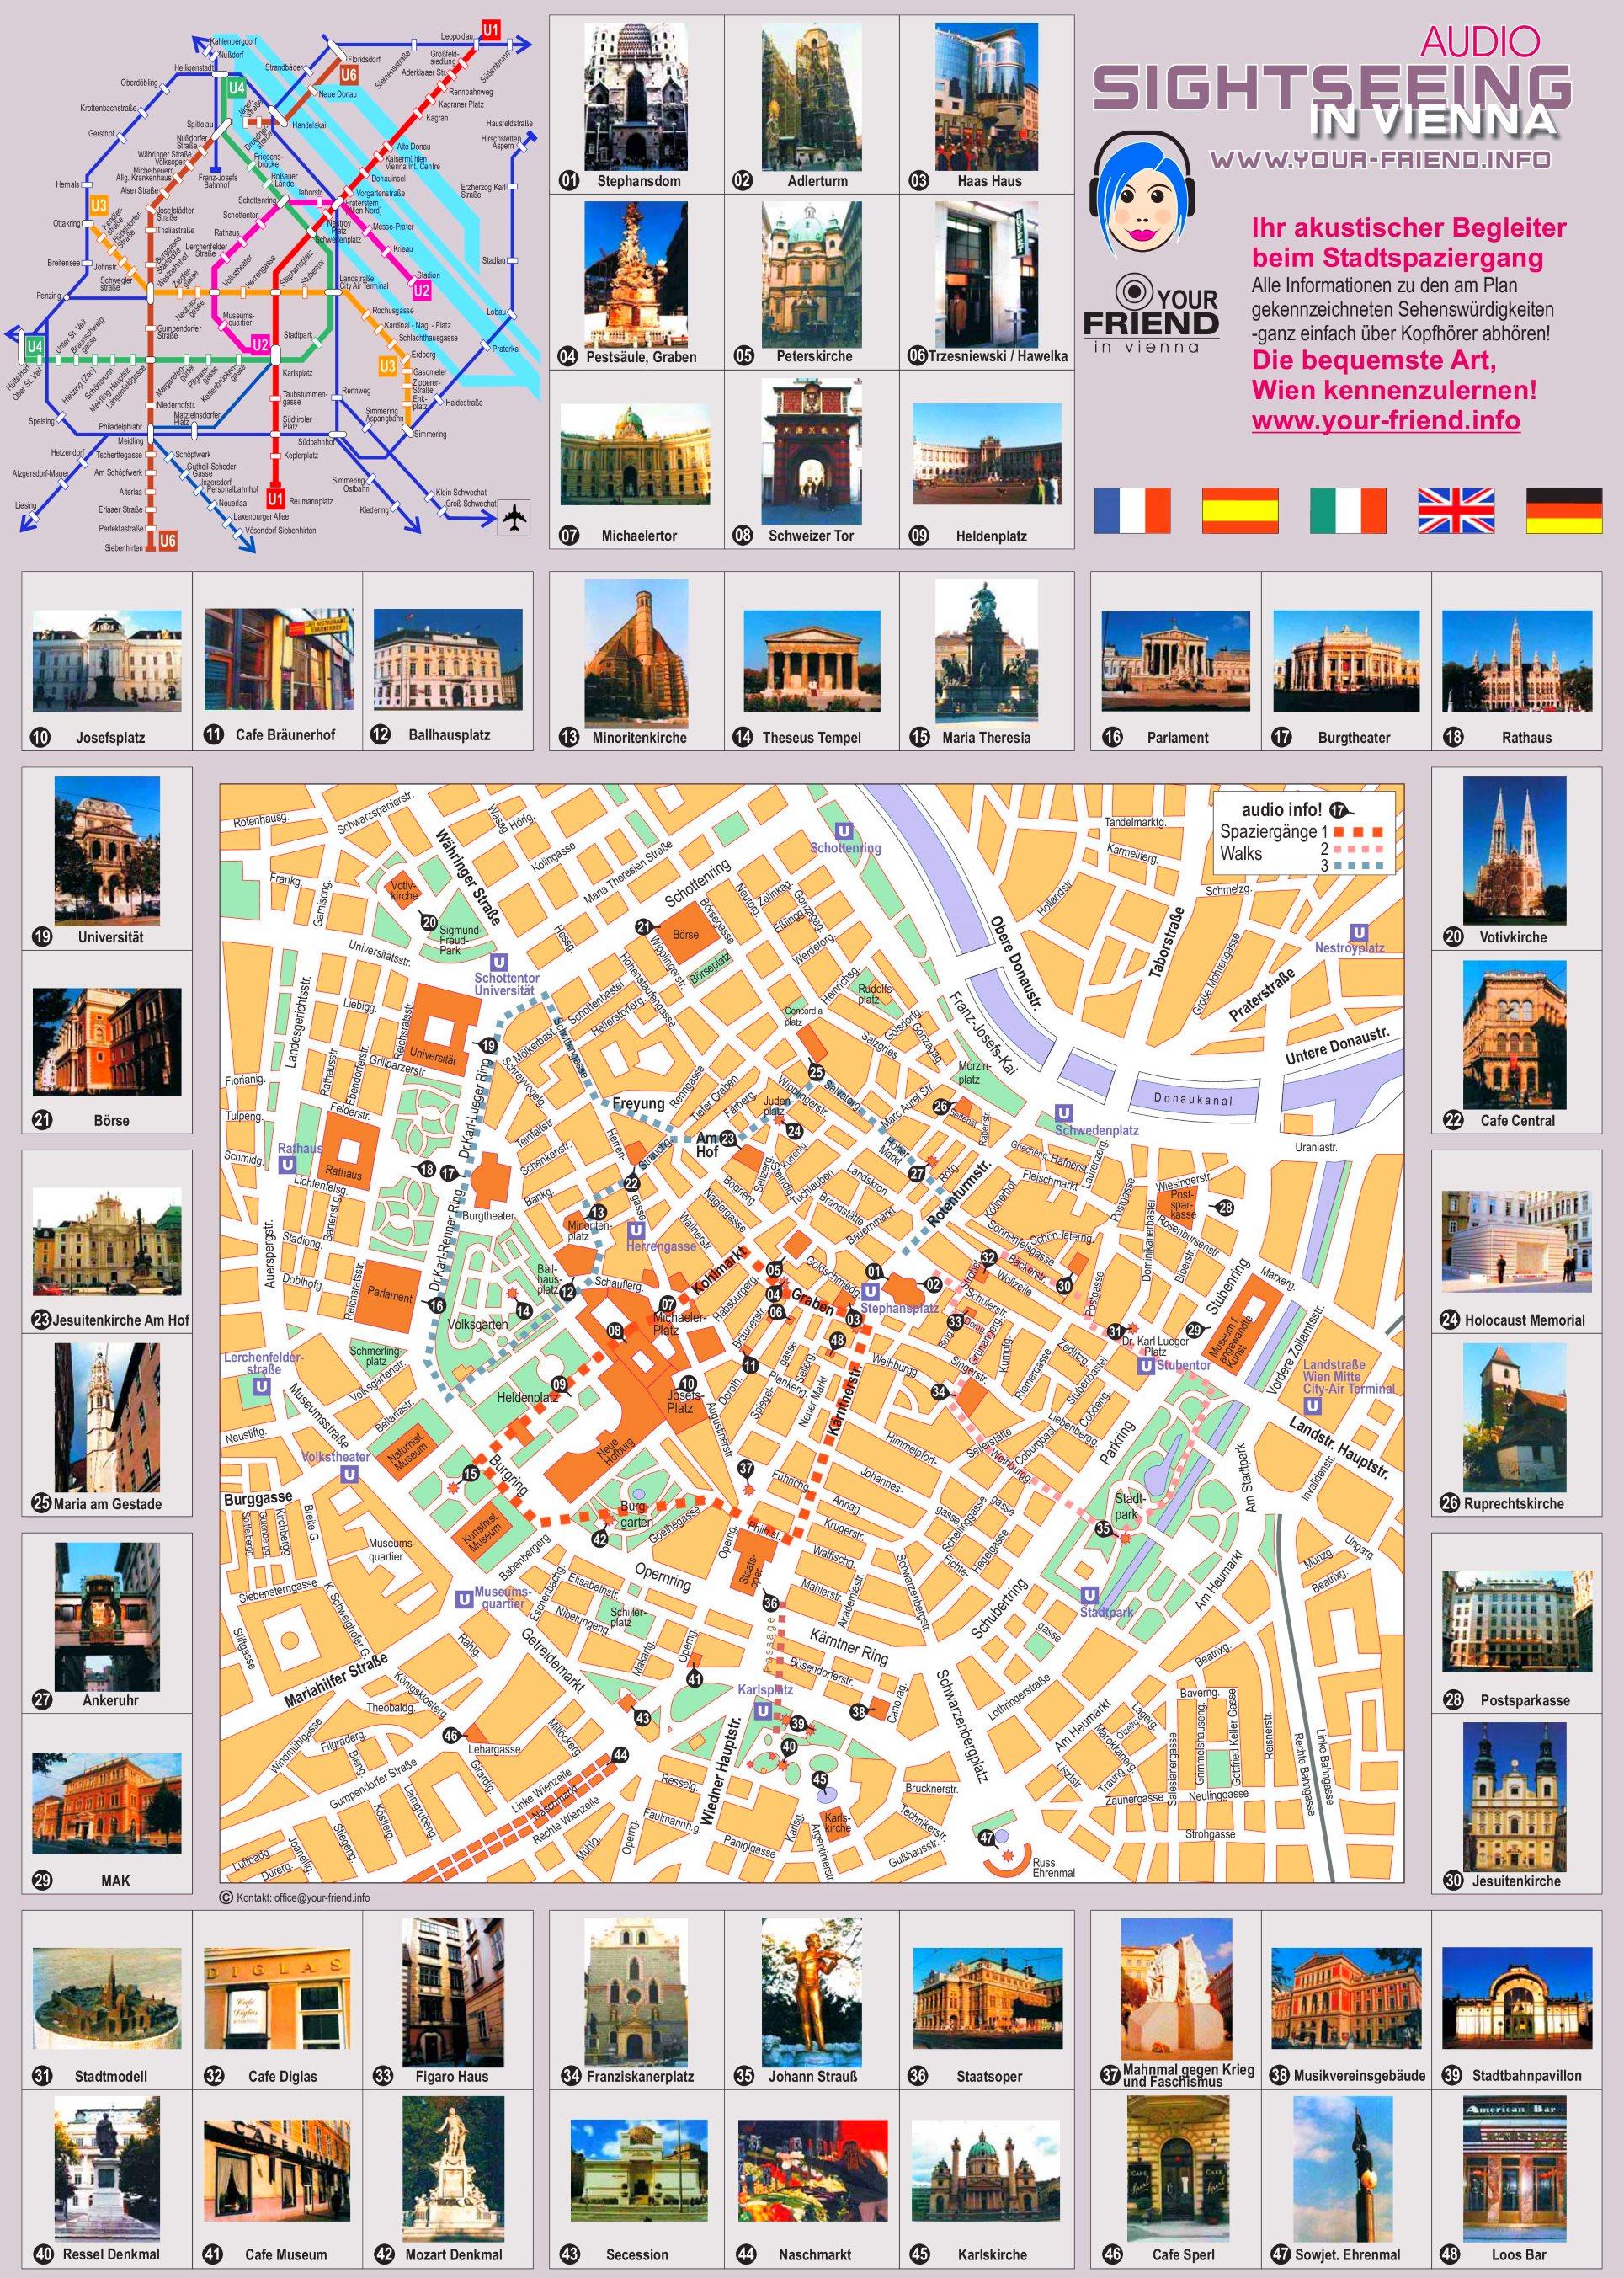 Stadtplan Wien Mit Sehenswurdigkeiten